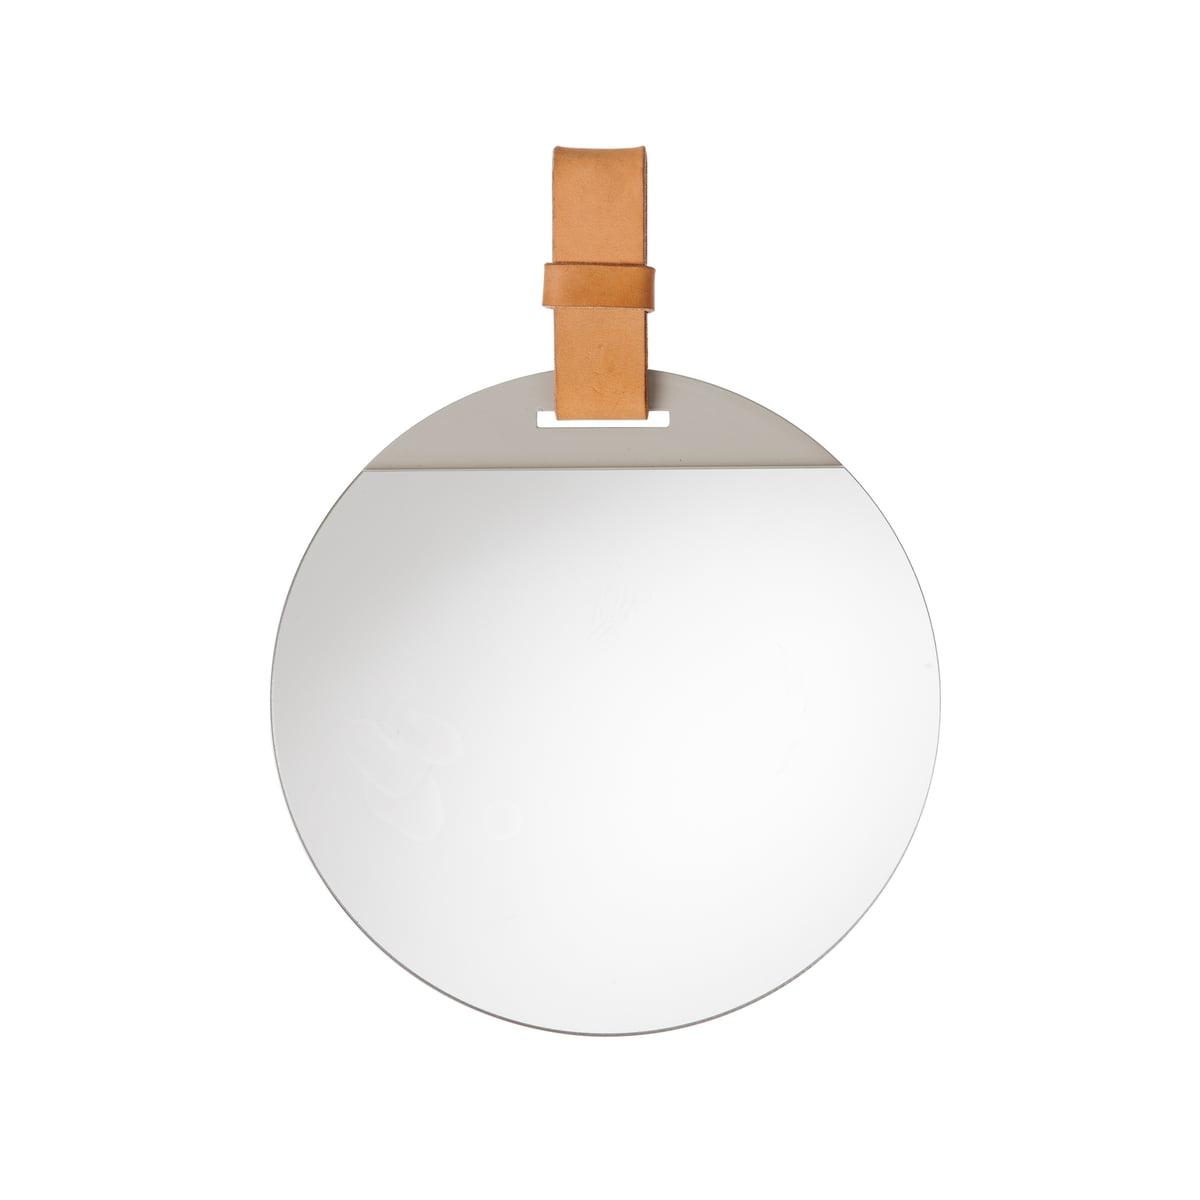 Enter spiegel von ferm living connox shop for Spiegel international